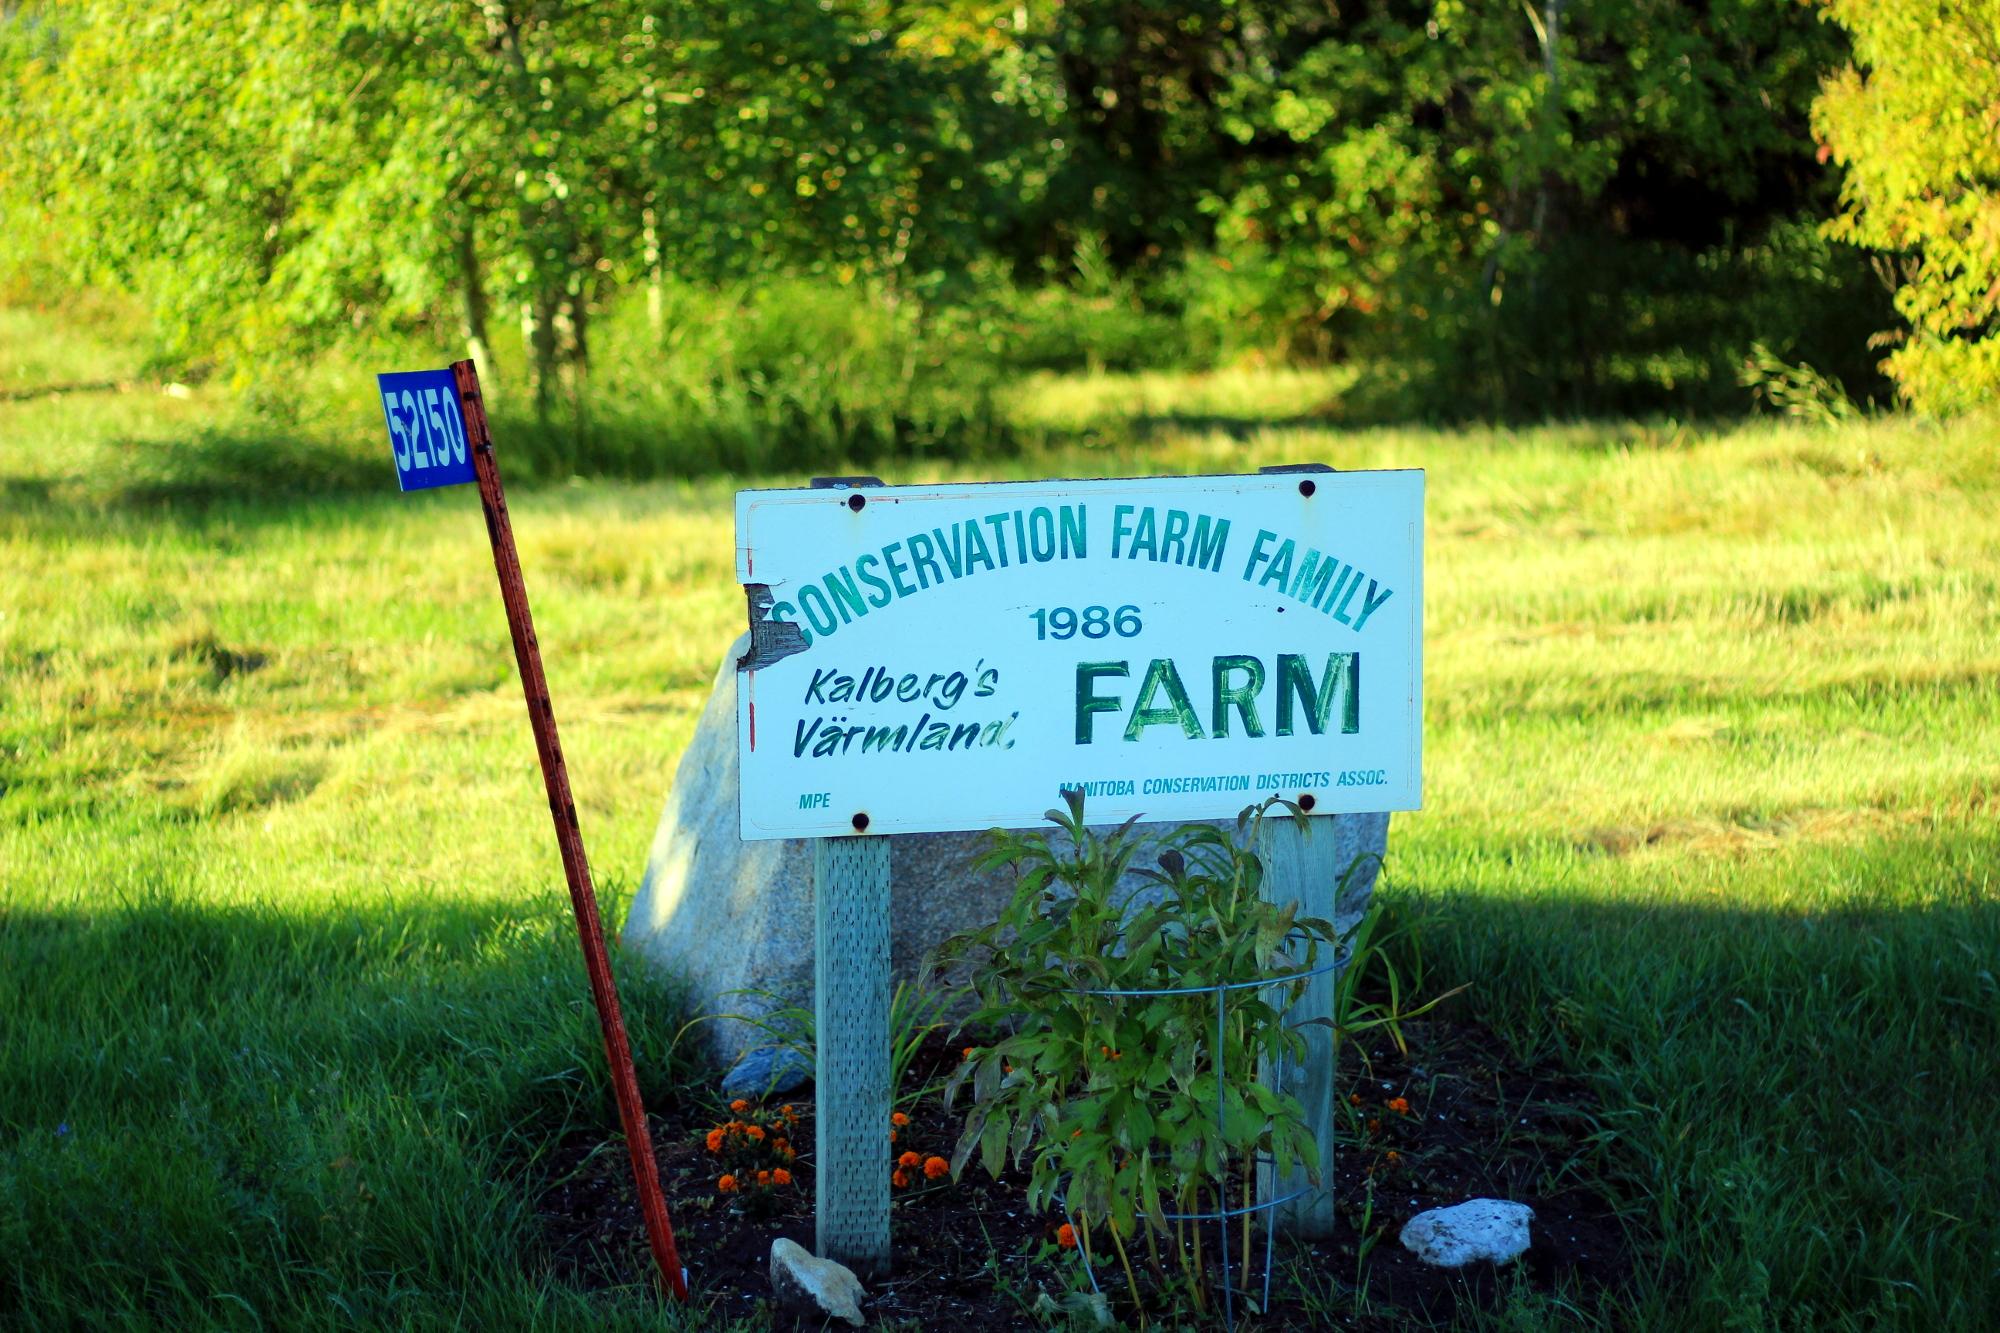 The sign for Kalbergs' Värmland Farm